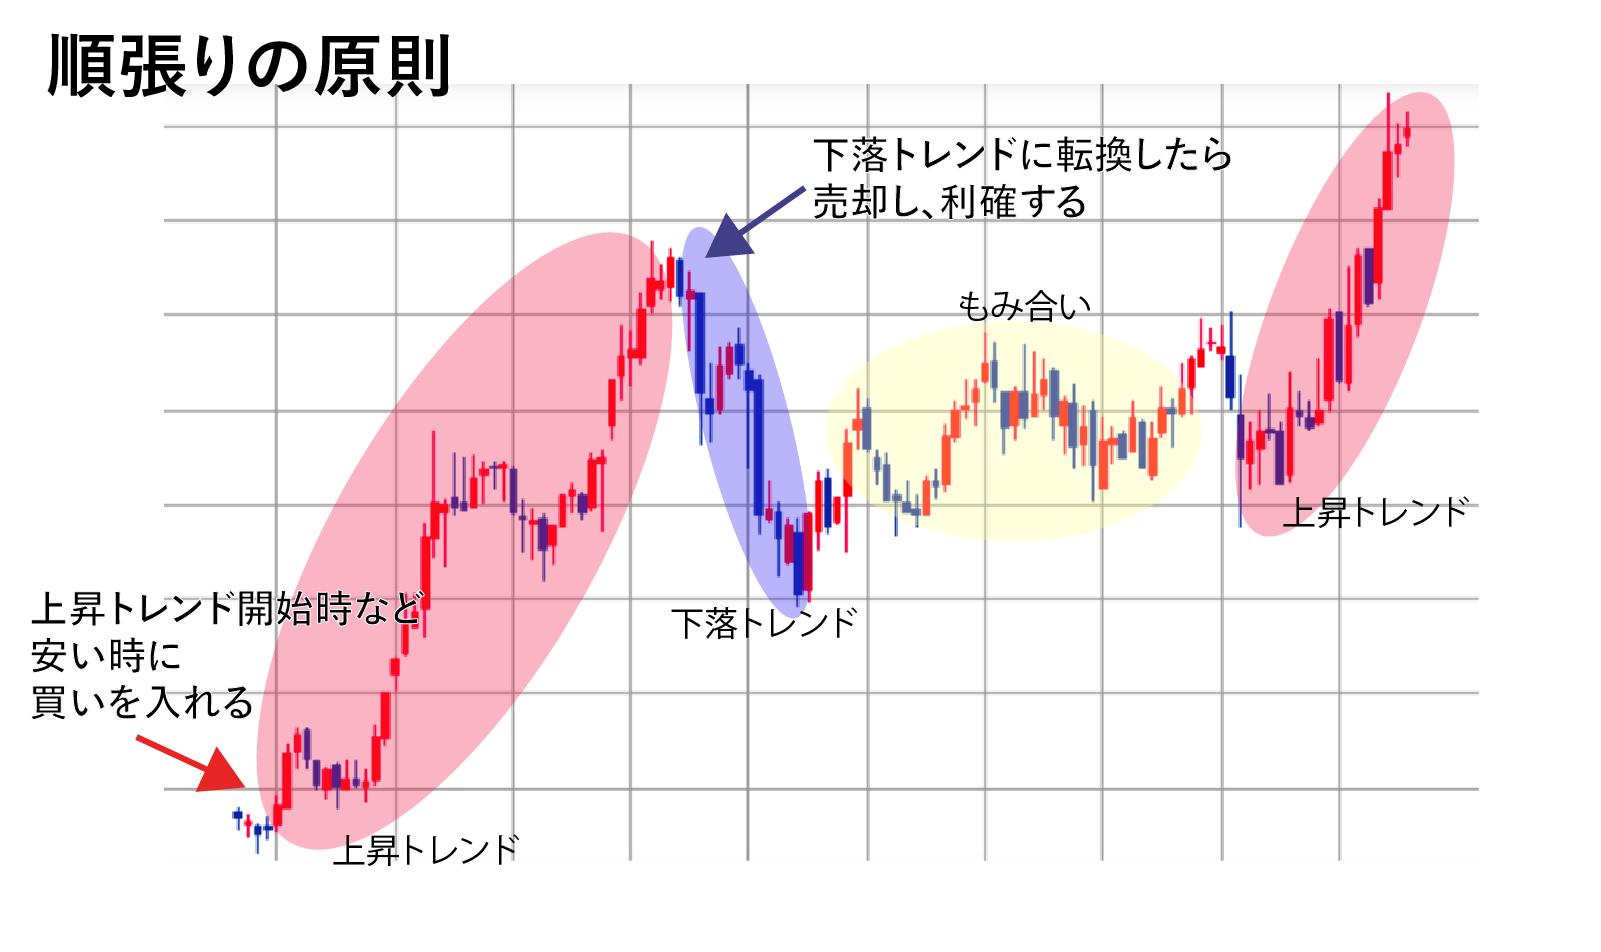 順張りで株を売却するタイミング